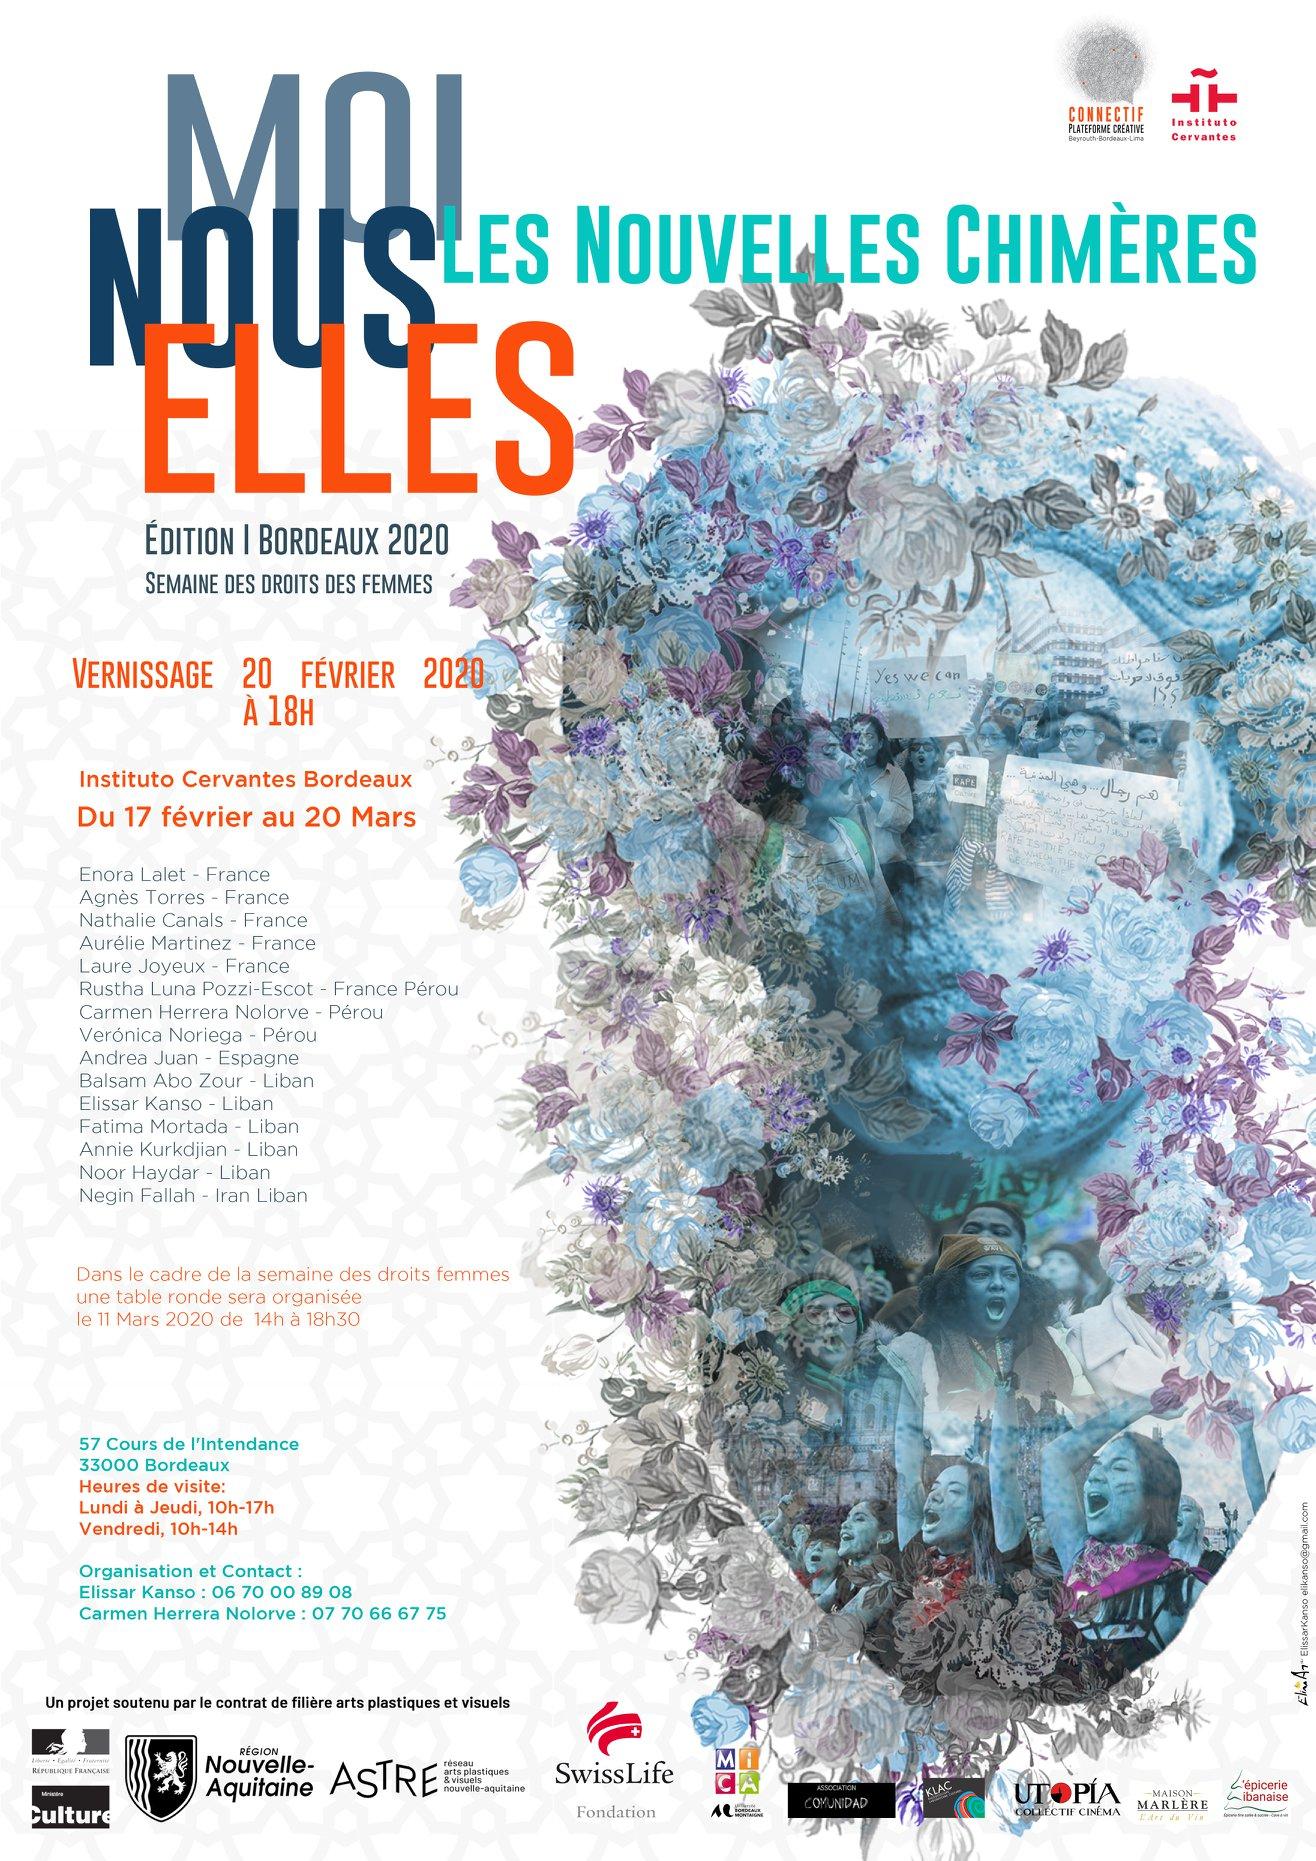 Laure Joyeux-artiste-Exposition-Moi Nous Elles-Institut Cervantès-Bordeaux-France-Elissar Kanso-Connectif Plateforme Créative